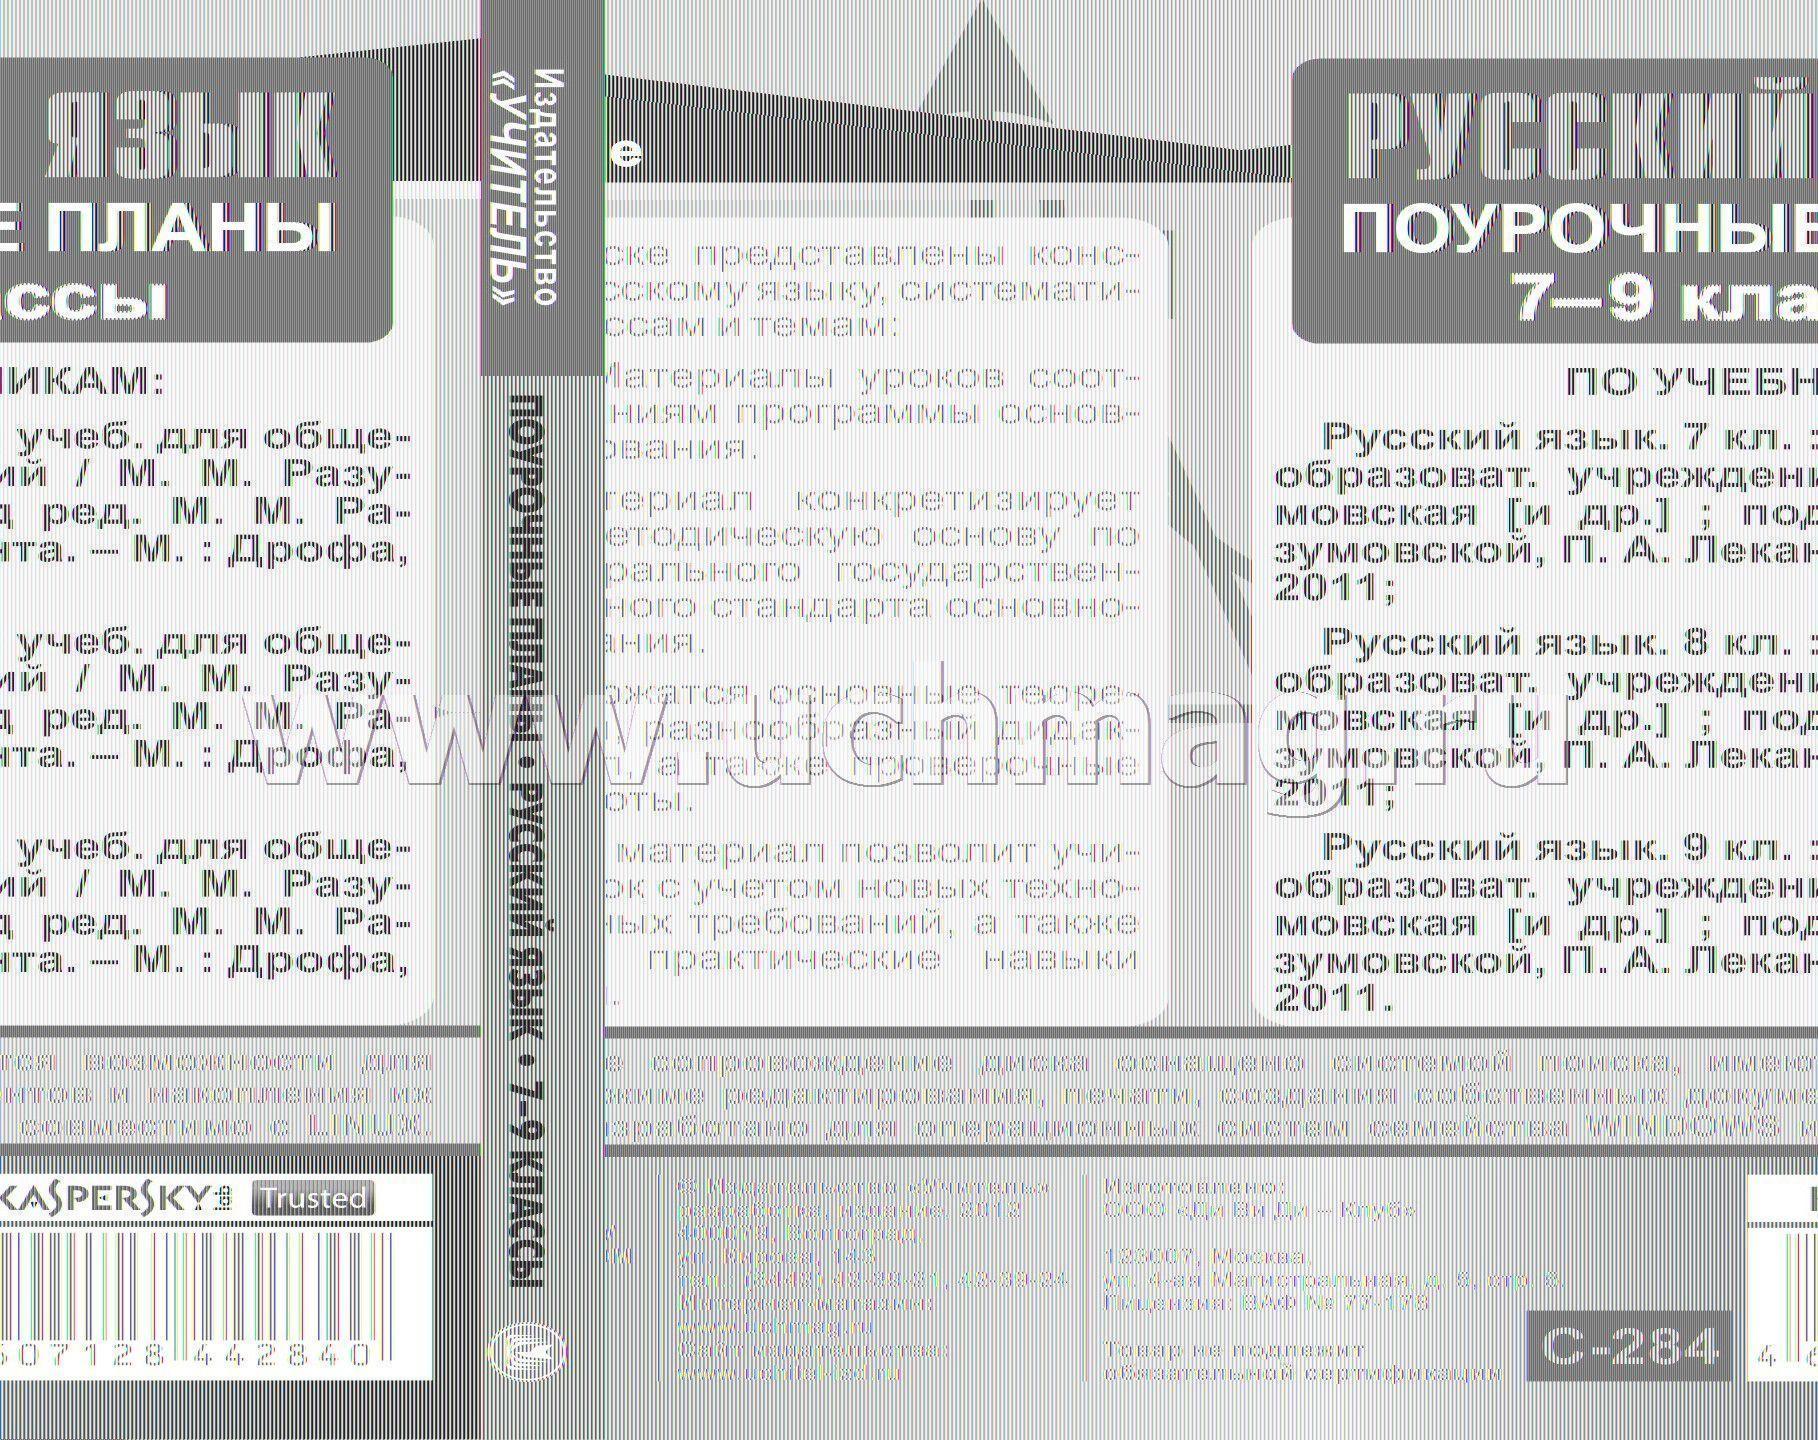 поурочные разработки по русскому языку 5 класс разумовская скачать